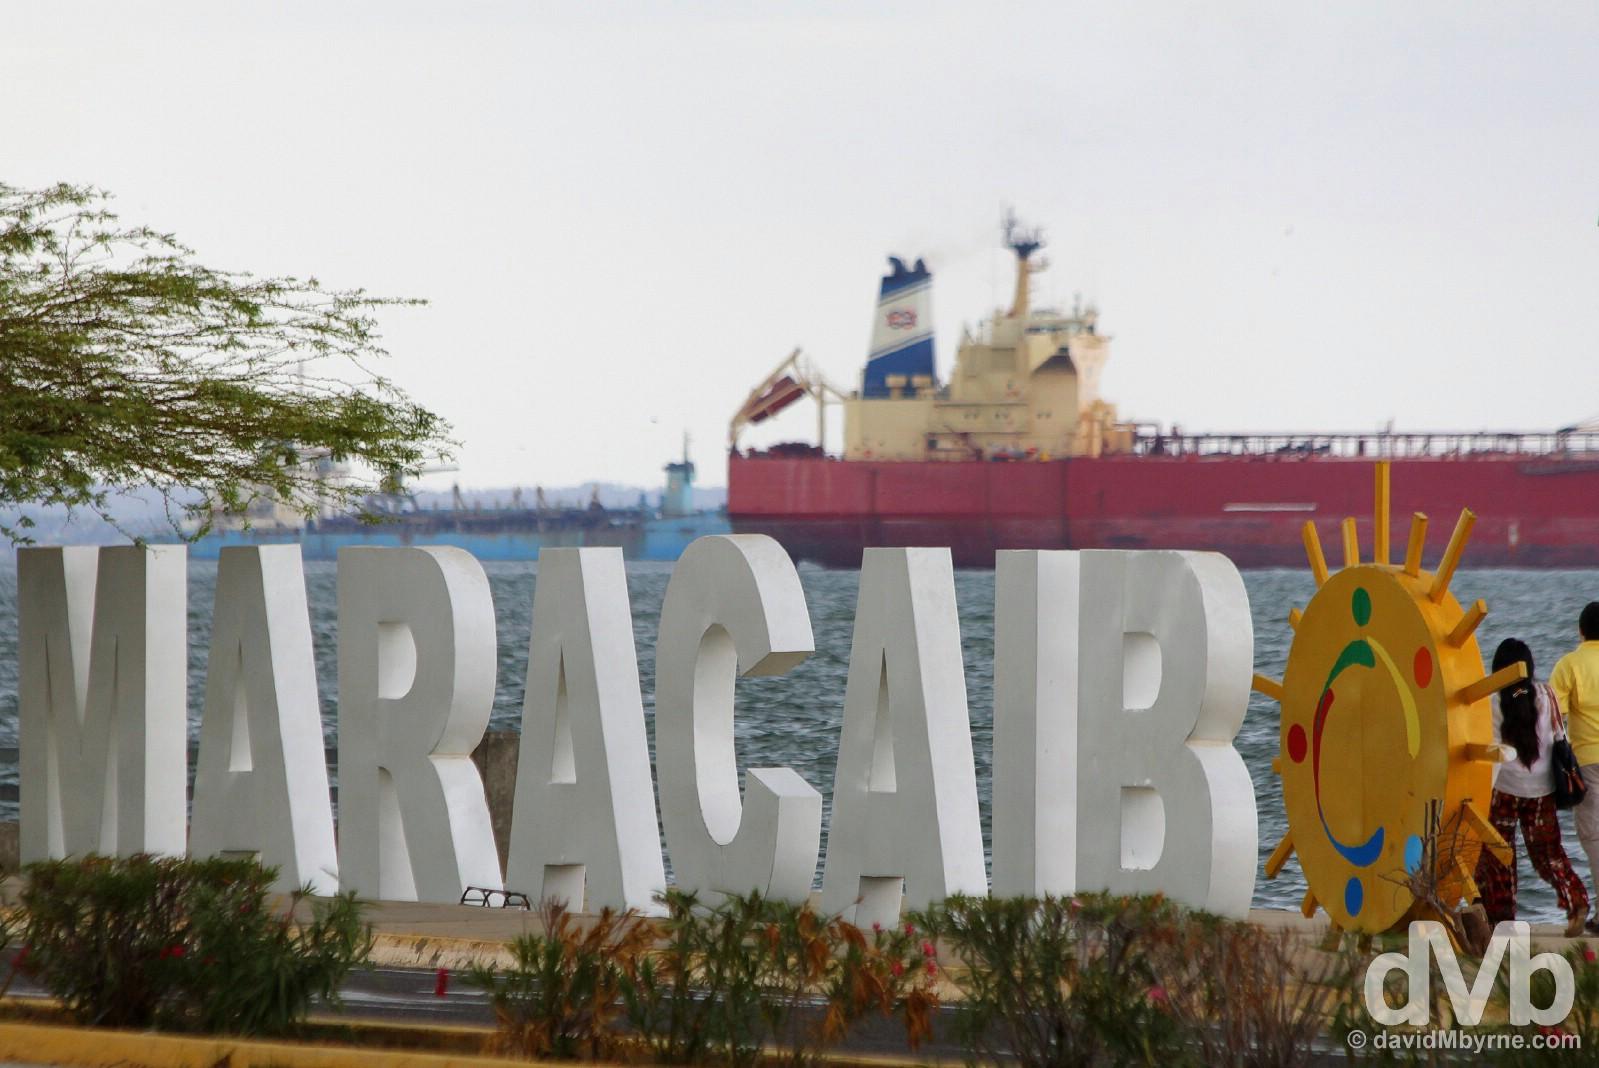 Vereda del Lago, Maracaibo Venezuela. June 22, 2015.